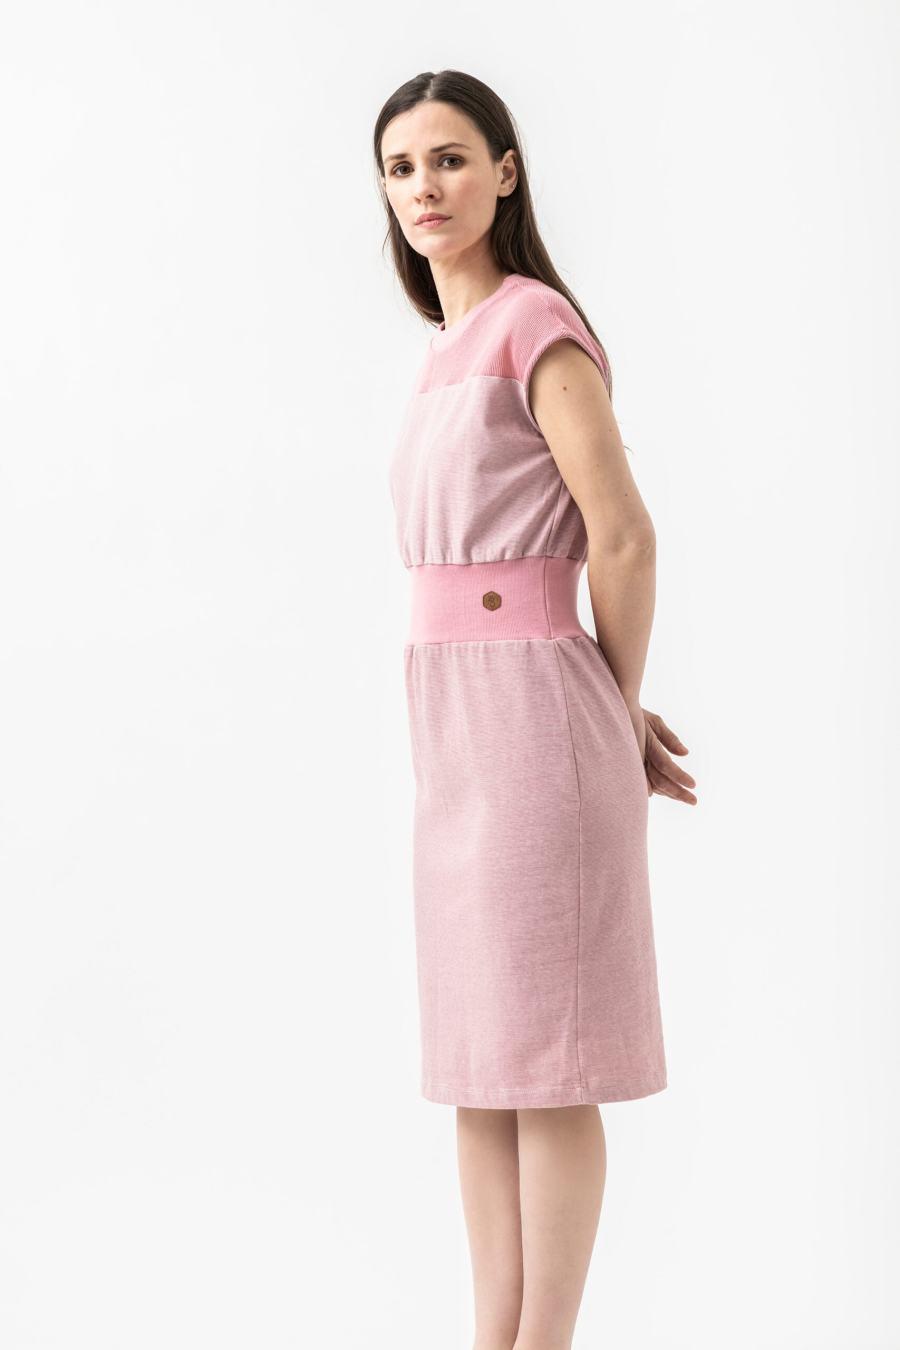 Jersey-Kleid Fiona von Grenzgang Südtirol Allgäu